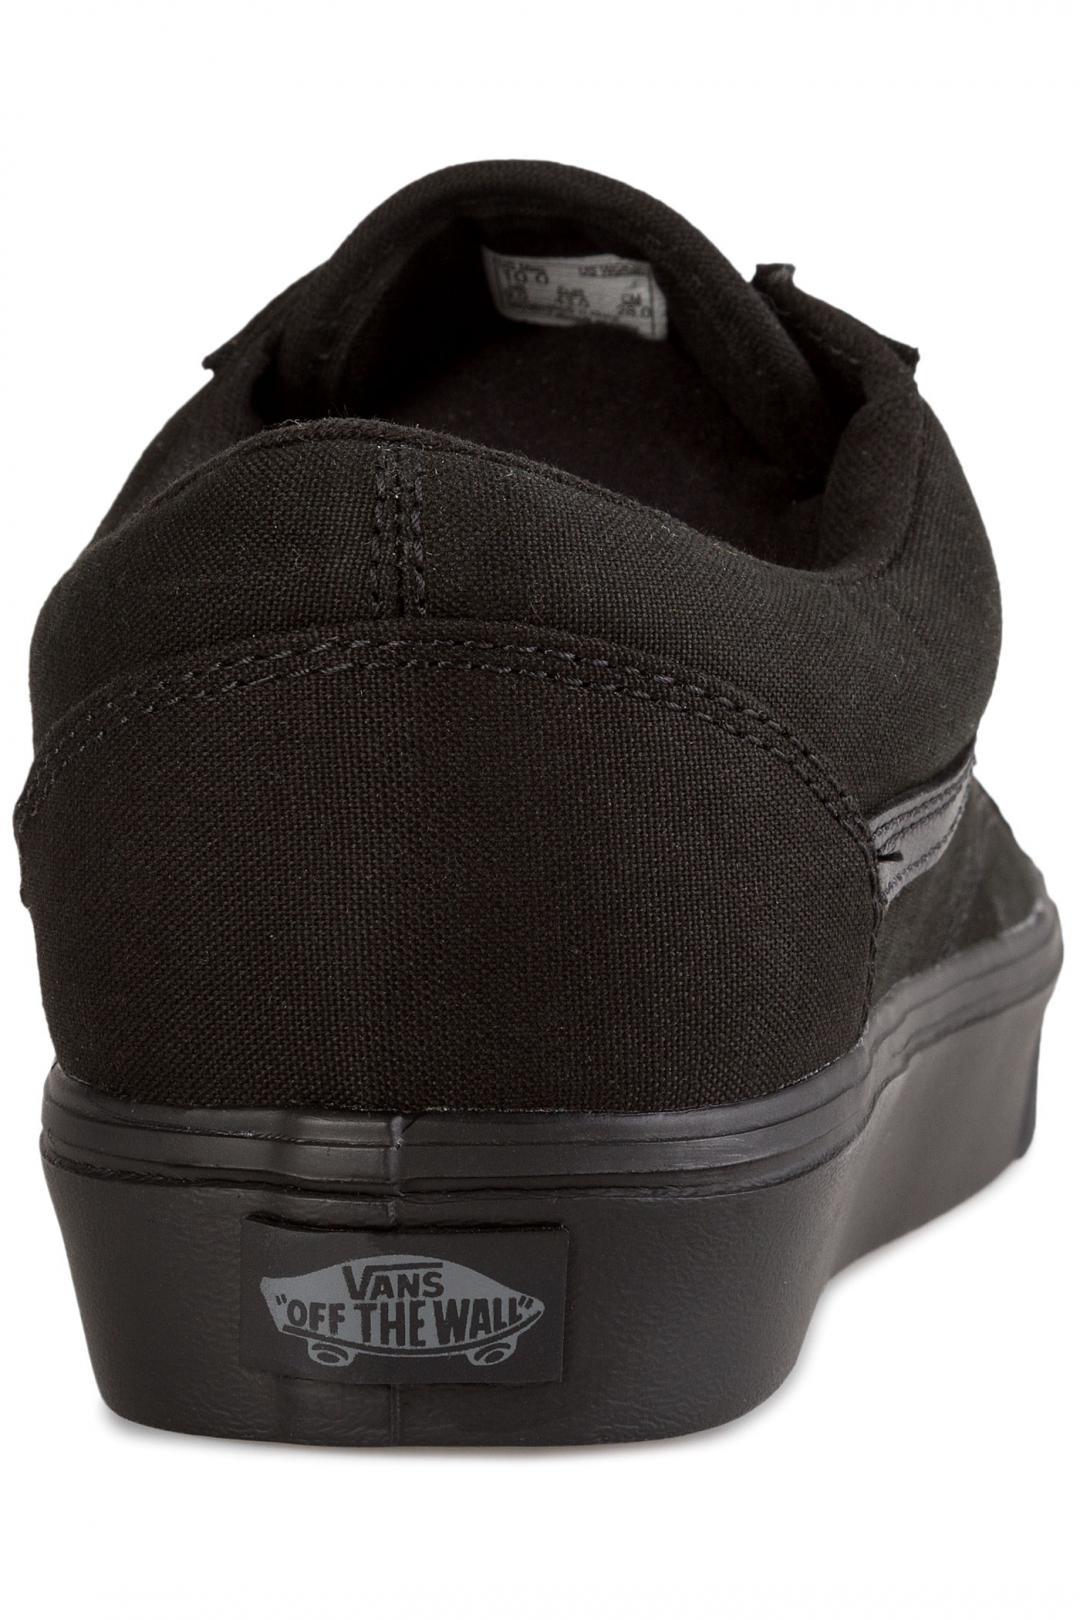 Uomo Vans Old Skool Lite Canvas black black | Sneaker